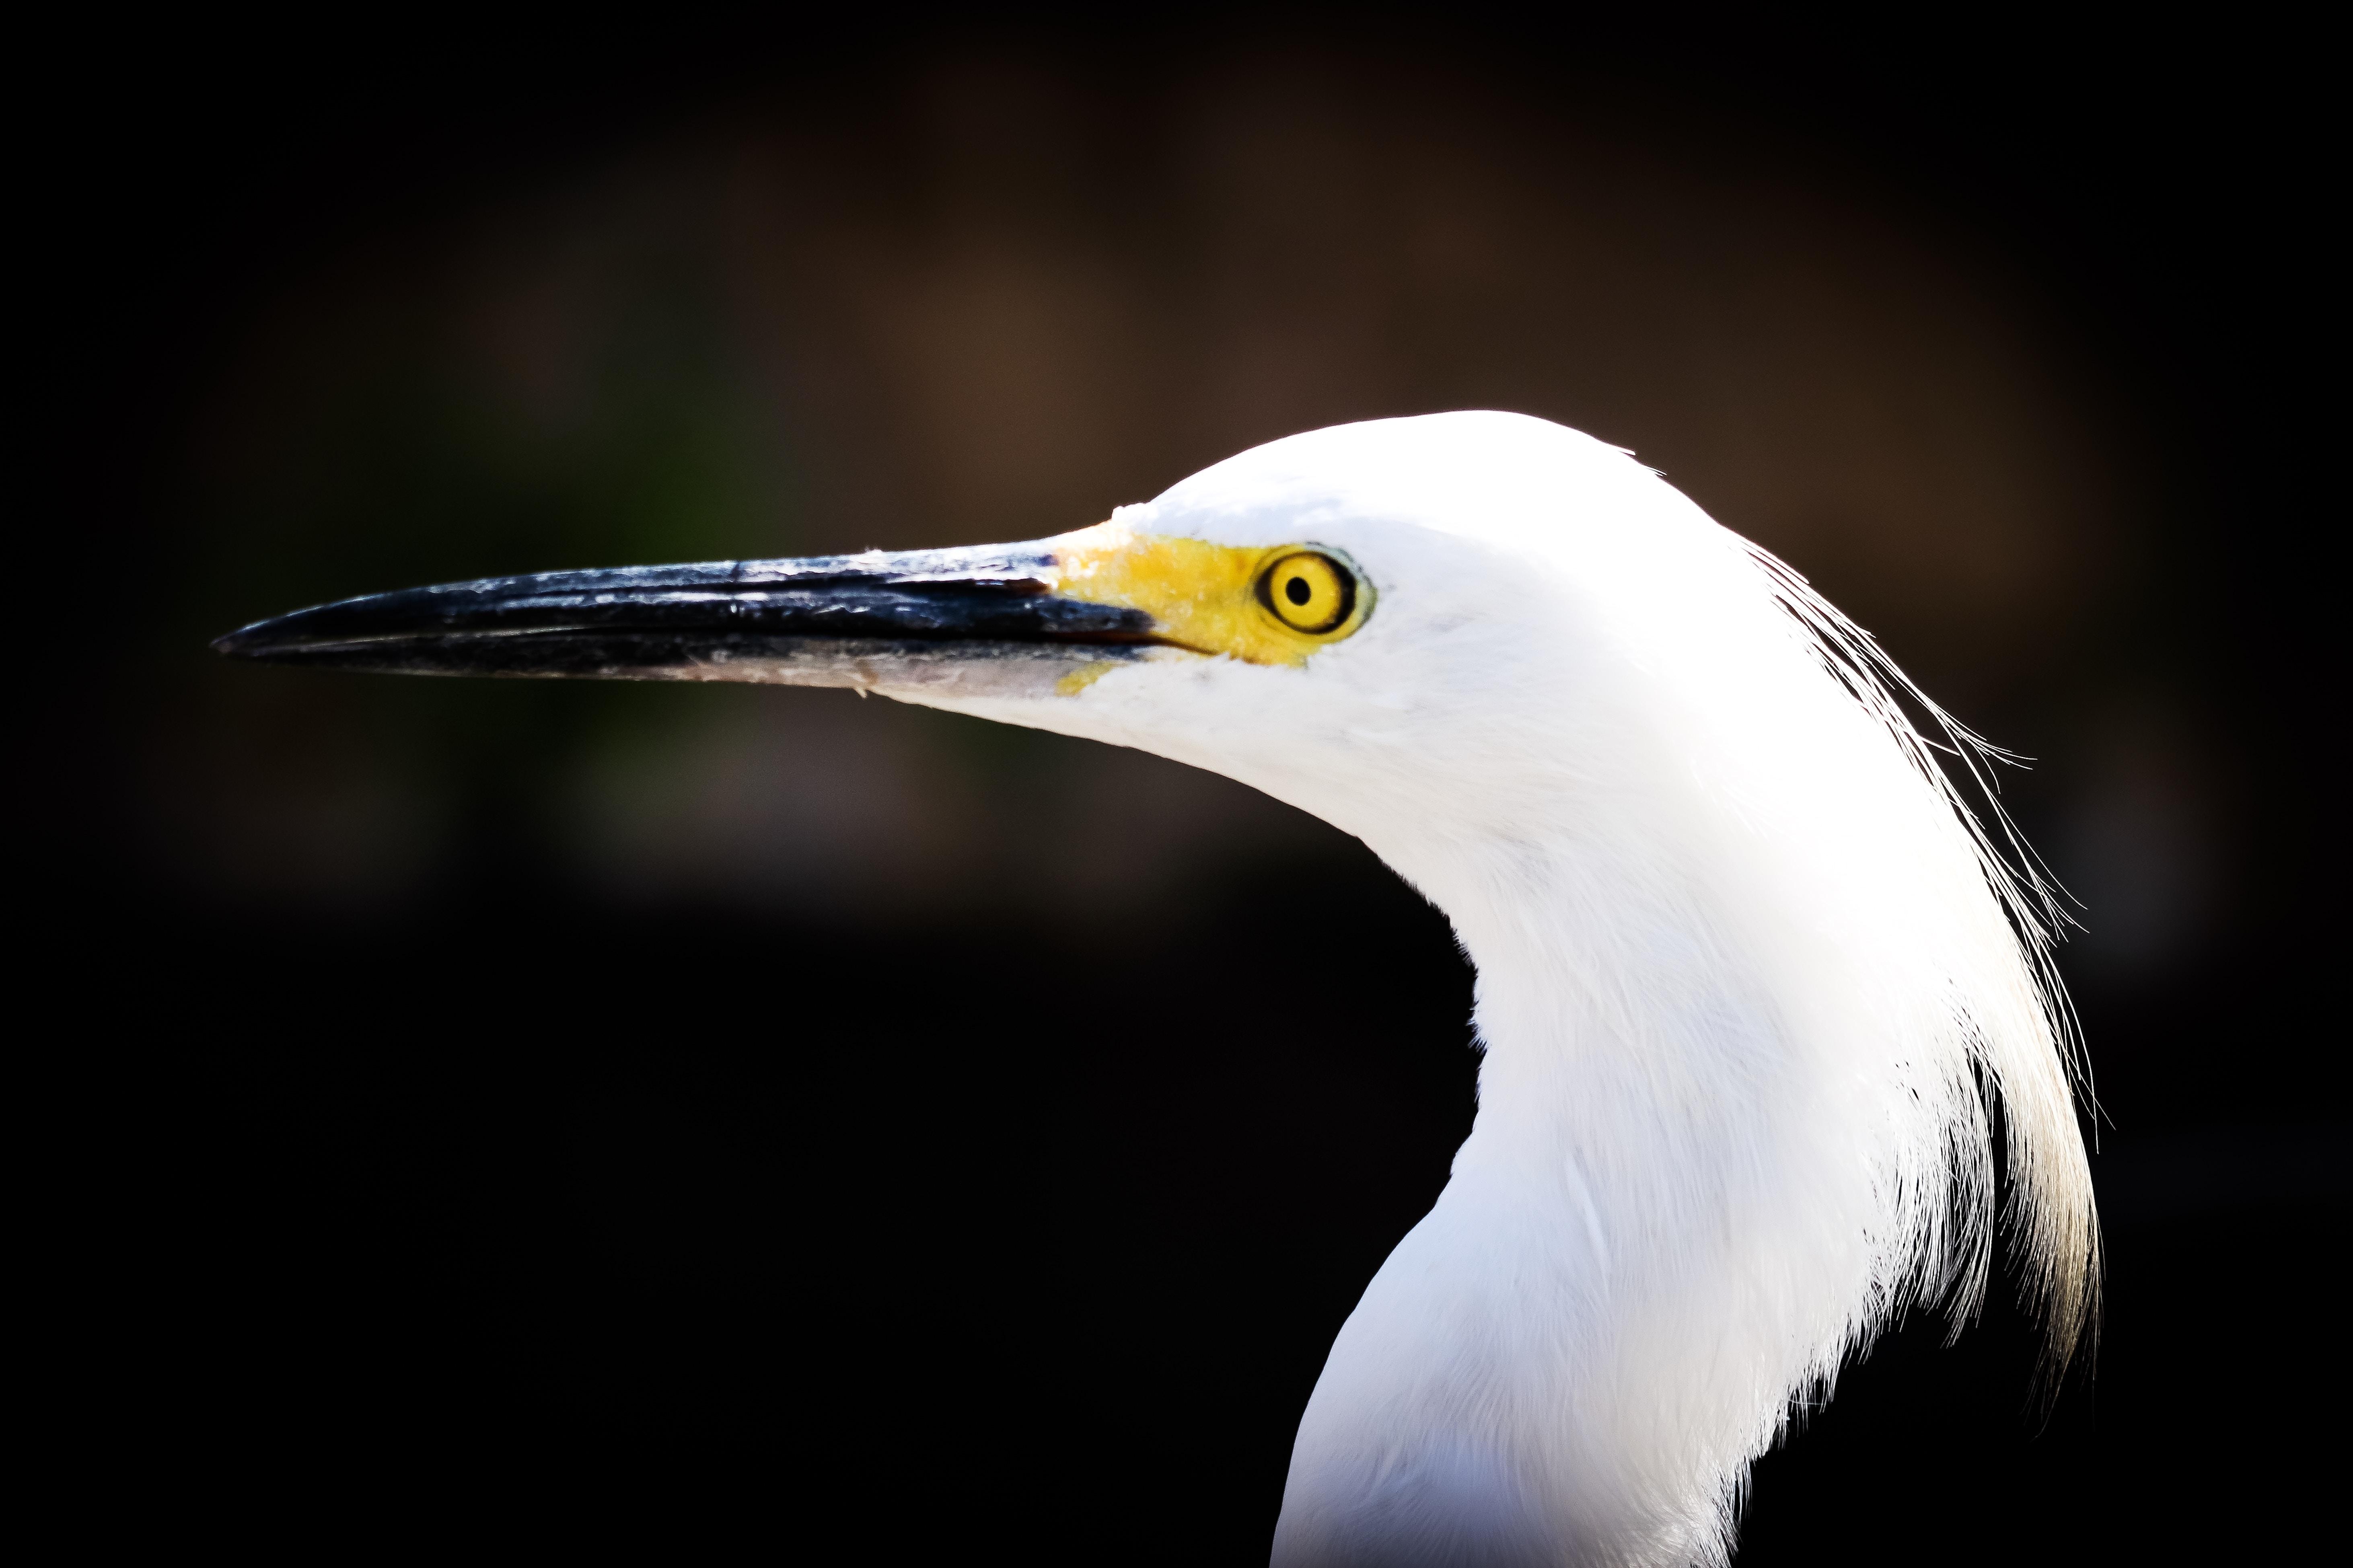 white long-beck bird